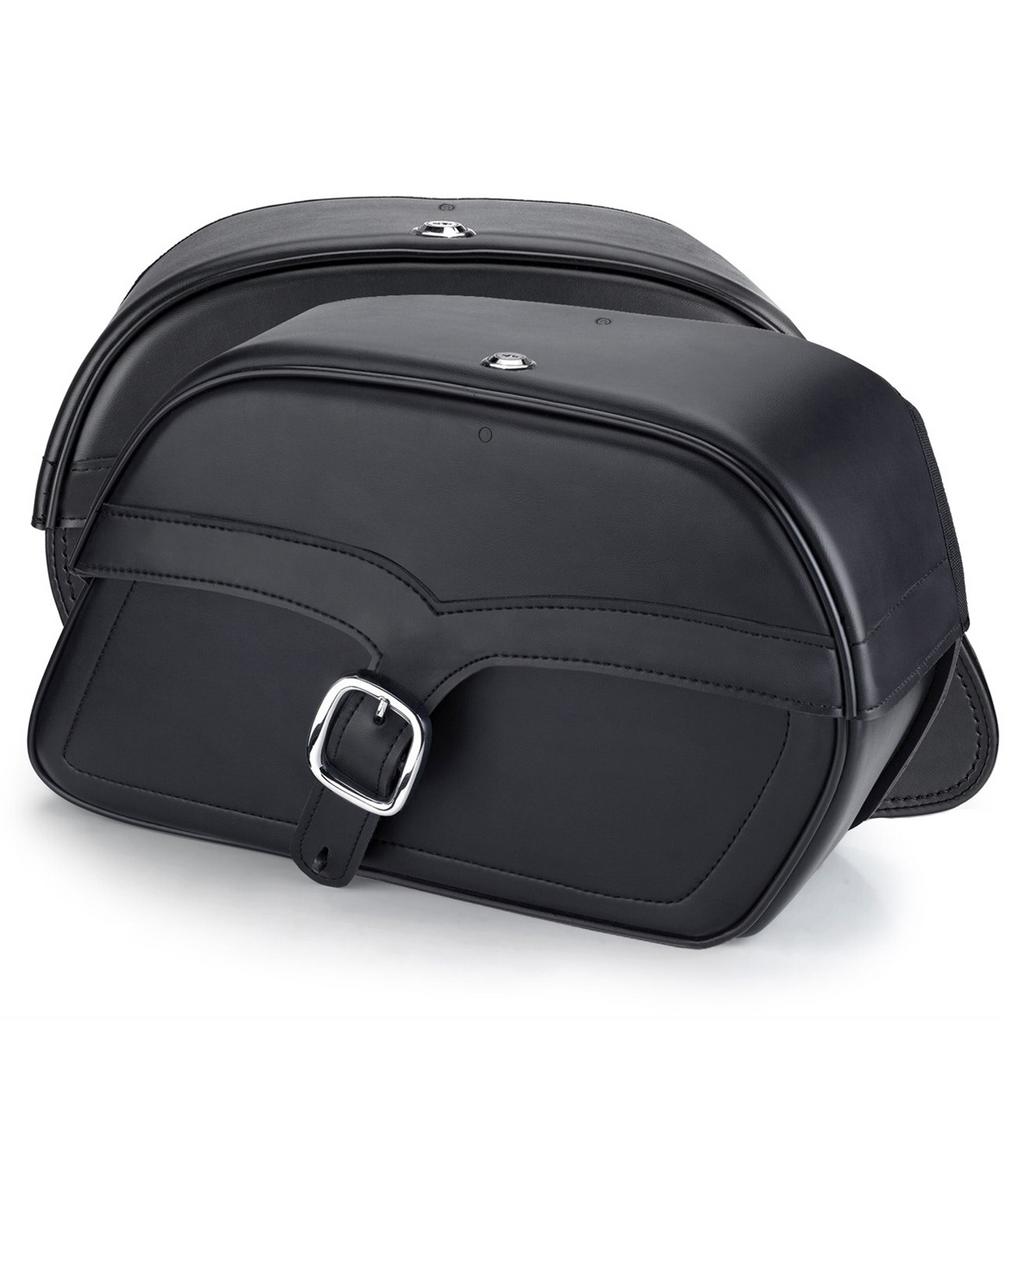 Kawasaki Vulcan S ABS Cafe Medium Charger Single Strap Motorcycle Saddlebags Both Bags View